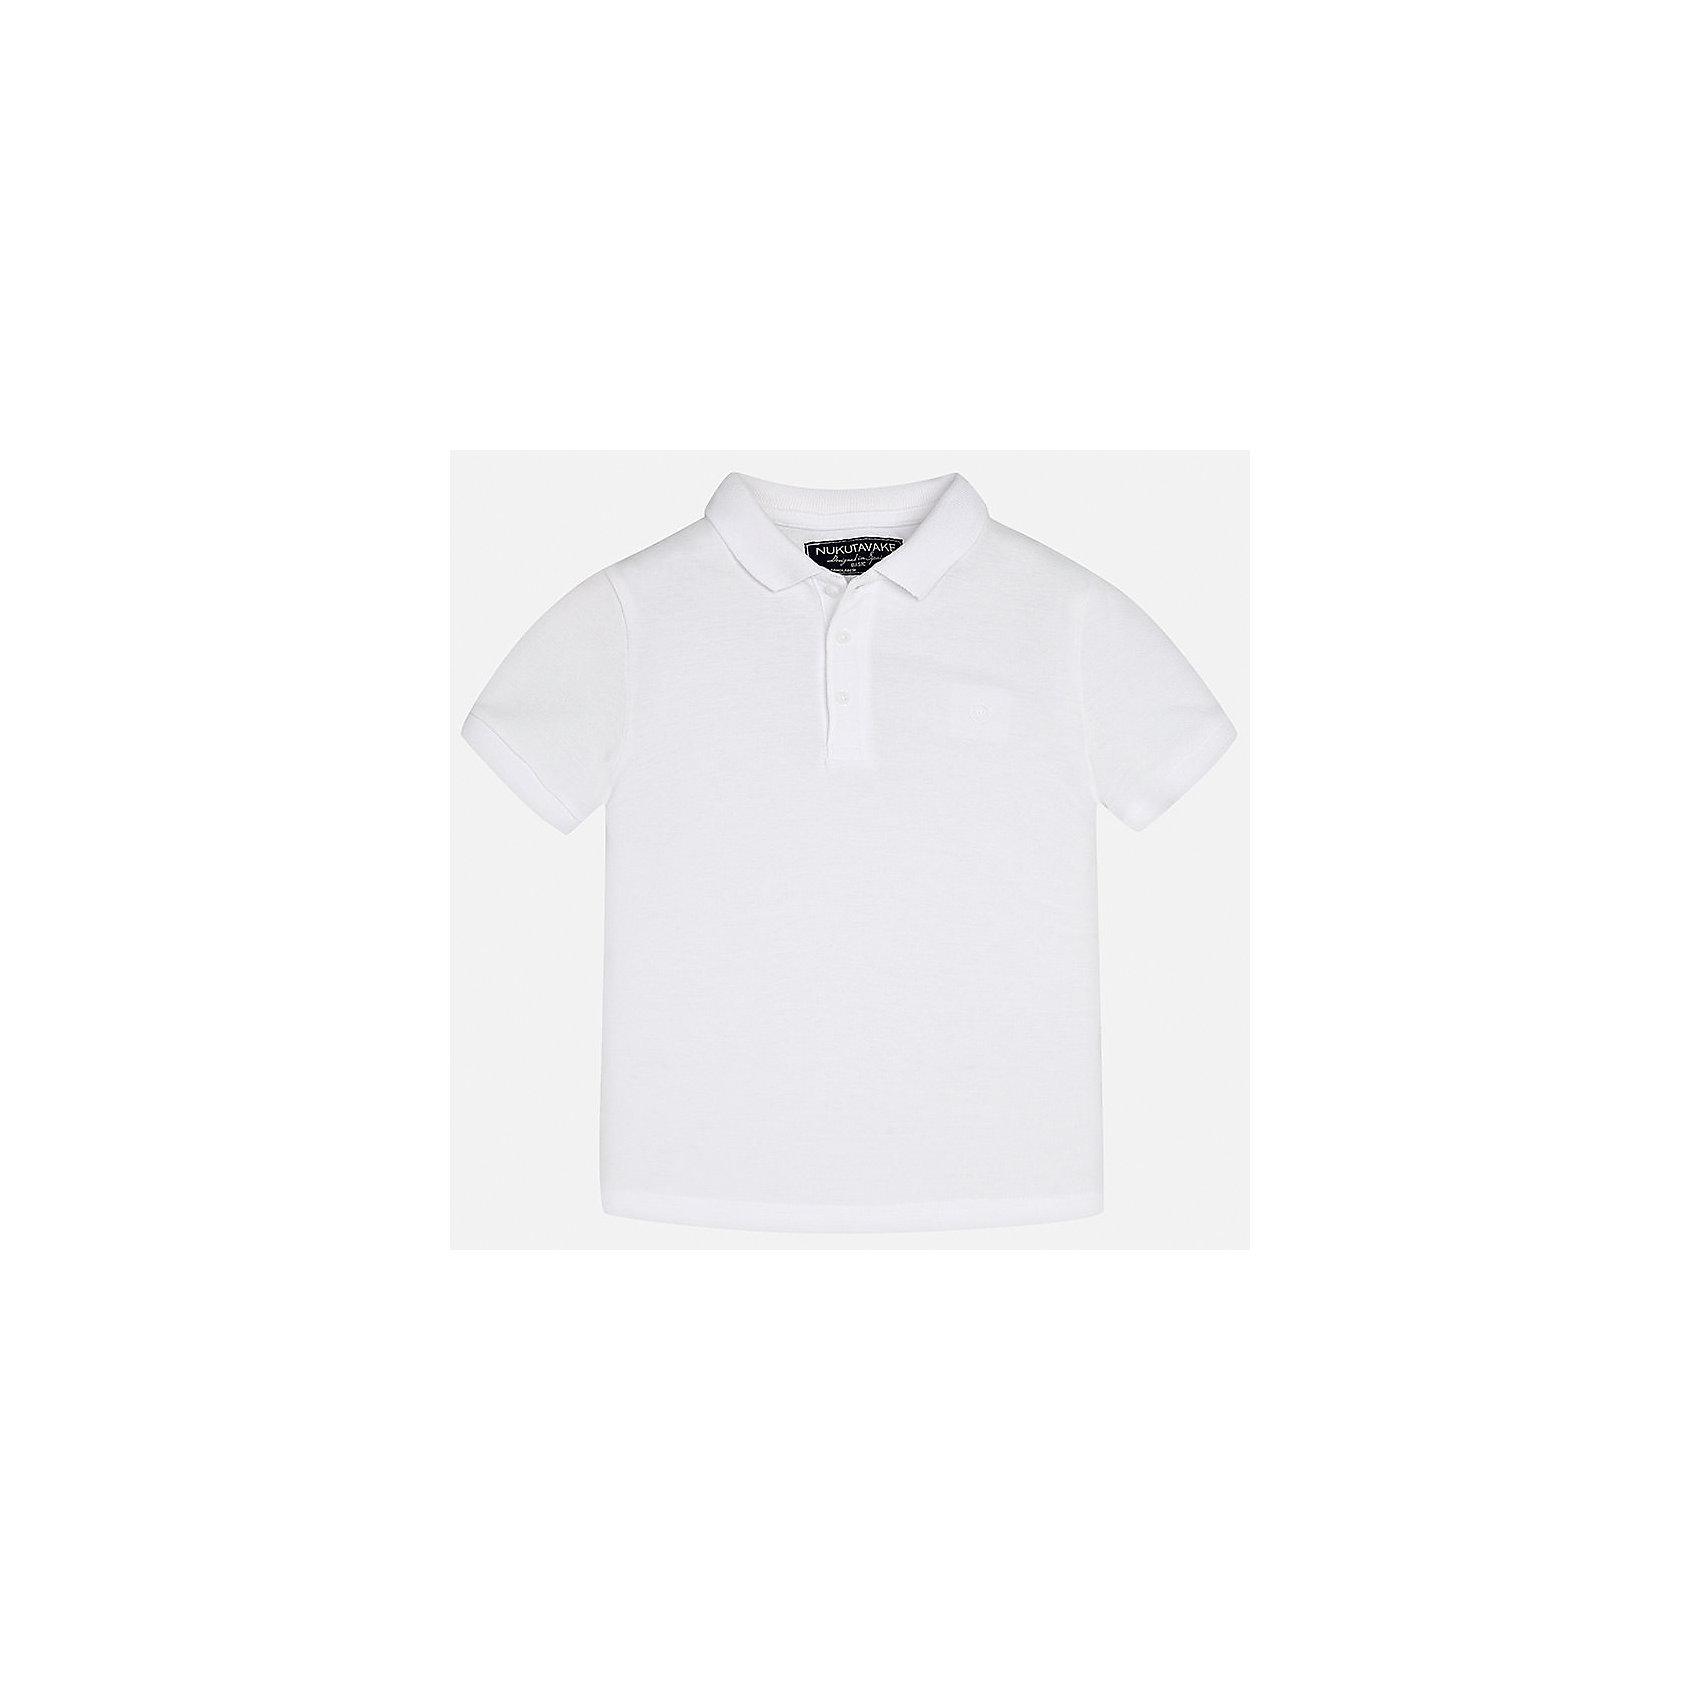 Футболка-поло для мальчика MayoralФутболки, поло и топы<br>Характеристики товара:<br><br>• цвет: белый<br>• состав: 100% хлопок<br>• отложной воротник<br>• короткие рукава<br>• застежка: пуговицы<br>• страна бренда: Испания<br><br>Удобная и модная футболка-поло для мальчика может стать базовой вещью в гардеробе ребенка. Она отлично сочетается с брюками, шортами, джинсами и т.д. Универсальный крой и цвет позволяет подобрать к вещи низ разных расцветок. Практичное и стильное изделие! В составе материала - только натуральный хлопок, гипоаллергенный, приятный на ощупь, дышащий.<br><br>Одежда, обувь и аксессуары от испанского бренда Mayoral полюбились детям и взрослым по всему миру. Модели этой марки - стильные и удобные. Для их производства используются только безопасные, качественные материалы и фурнитура. Порадуйте ребенка модными и красивыми вещами от Mayoral! <br><br>Футболку-поло для мальчика от испанского бренда Mayoral (Майорал) можно купить в нашем интернет-магазине.<br><br>Ширина мм: 230<br>Глубина мм: 40<br>Высота мм: 220<br>Вес г: 250<br>Цвет: белый<br>Возраст от месяцев: 96<br>Возраст до месяцев: 108<br>Пол: Мужской<br>Возраст: Детский<br>Размер: 140,170,164,158,152,128/134<br>SKU: 5278349